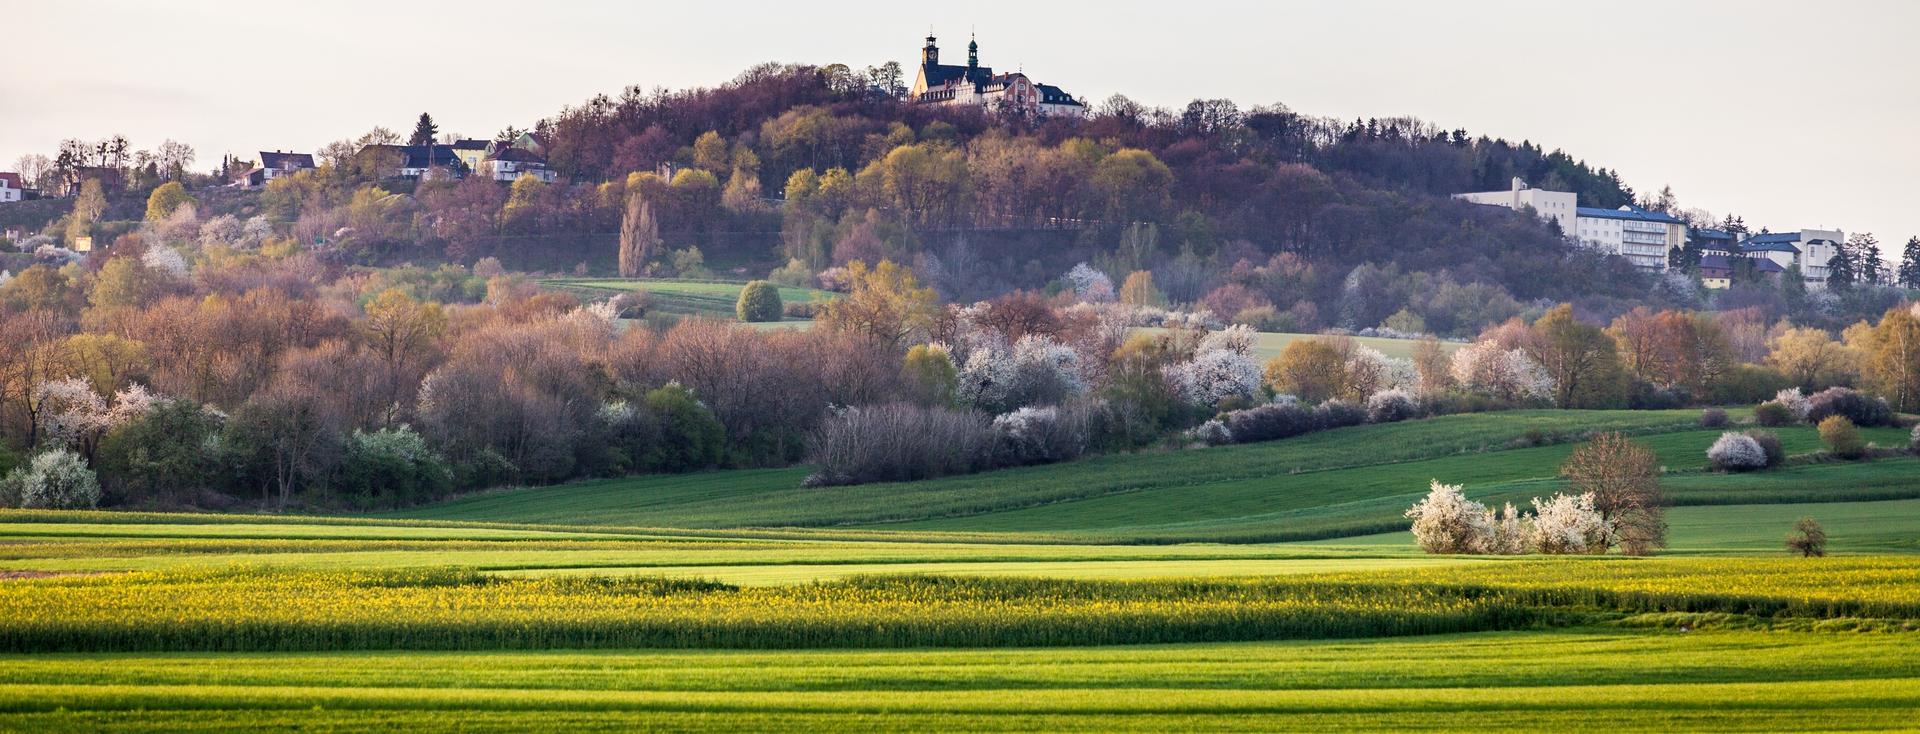 Niewiele jest miejsc w Polsce, gdzie walory przyrodnicze i kulturowe splatają się w jedno, tworząc krajobraz tak urzekająco piękny i niepowtarzalny.